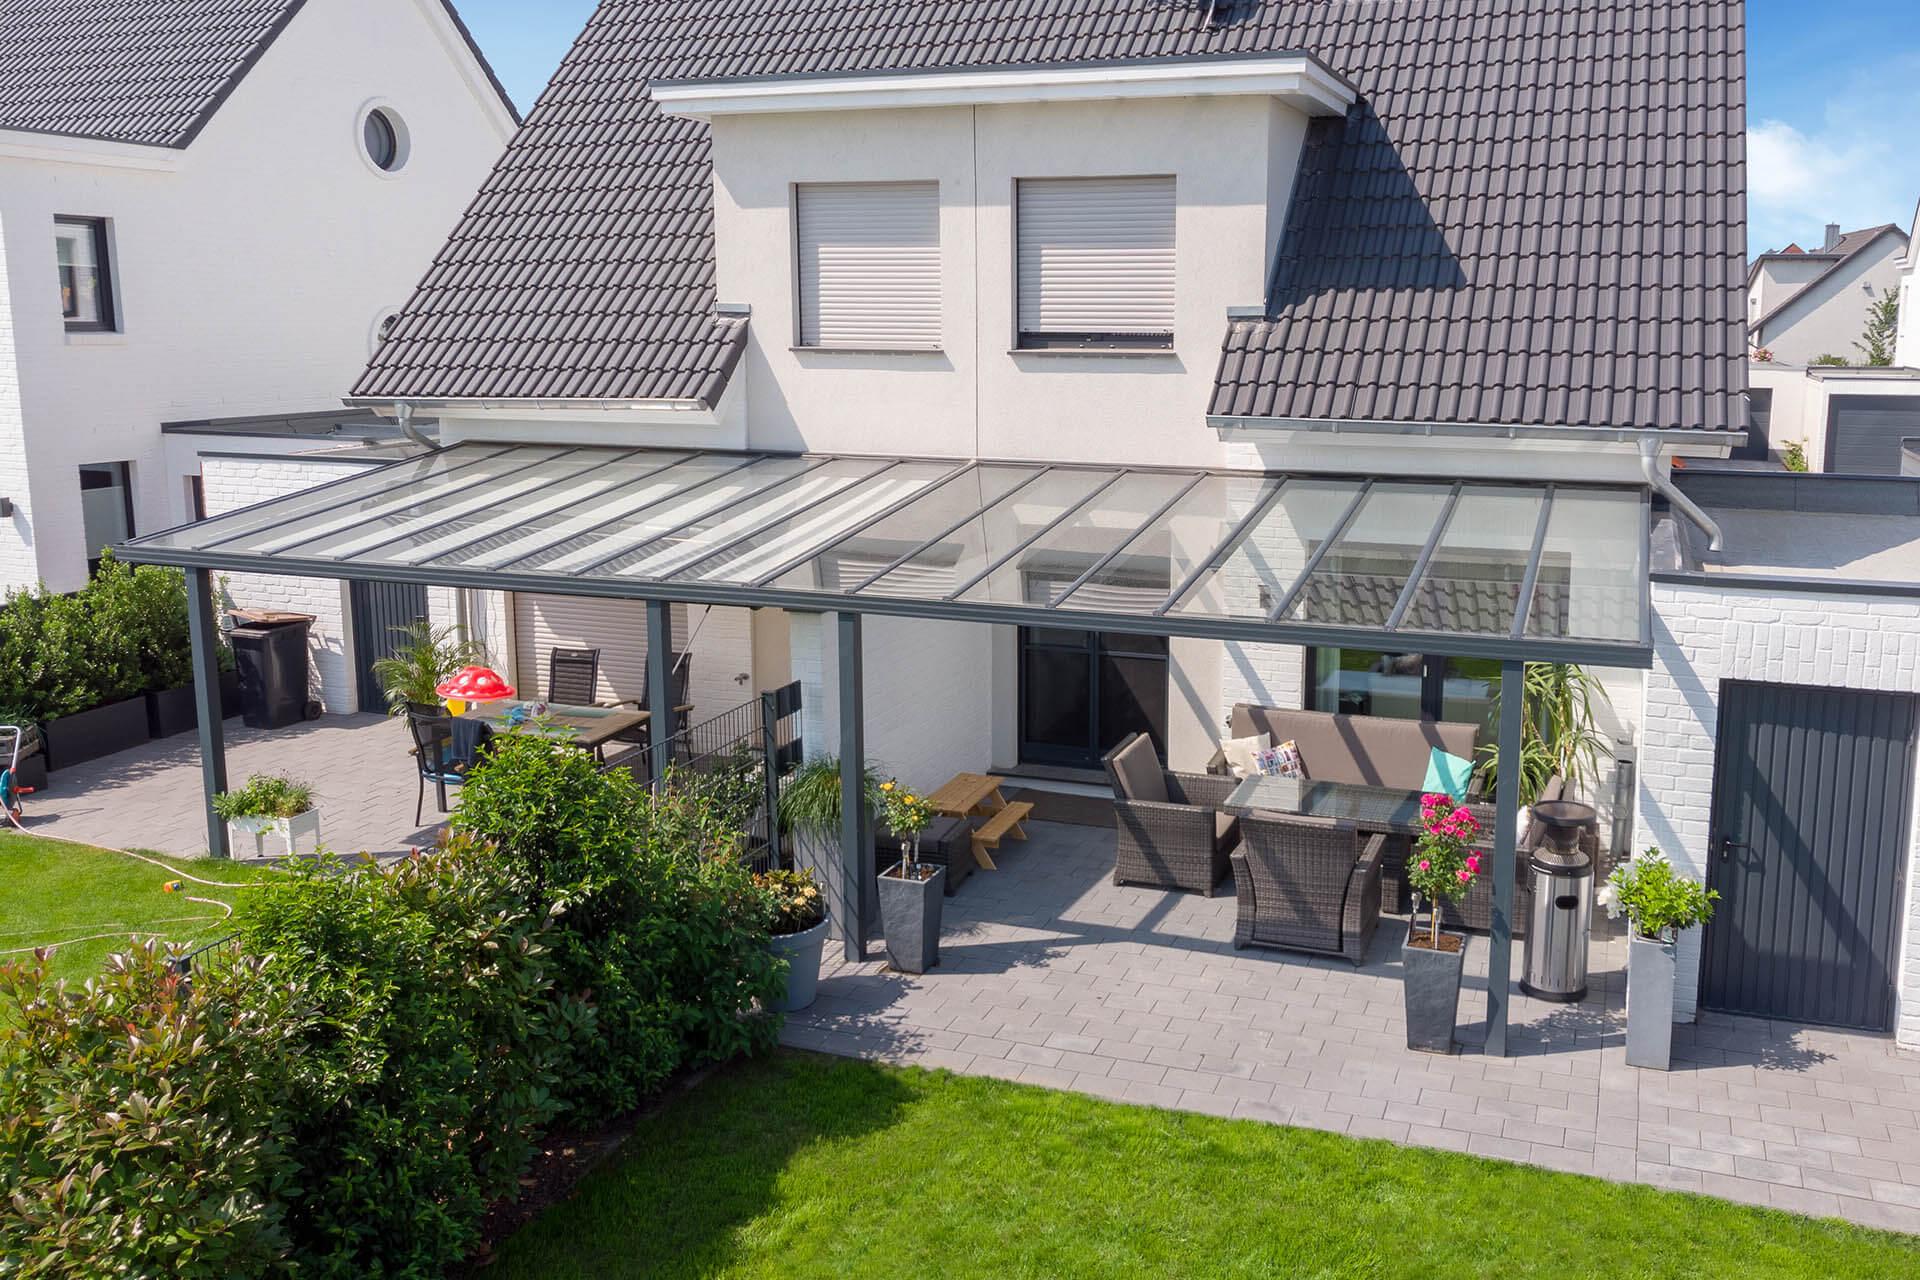 Favorit Reihenhaus und Terrassenüberdachung - darauf gilt es zu achten KL08